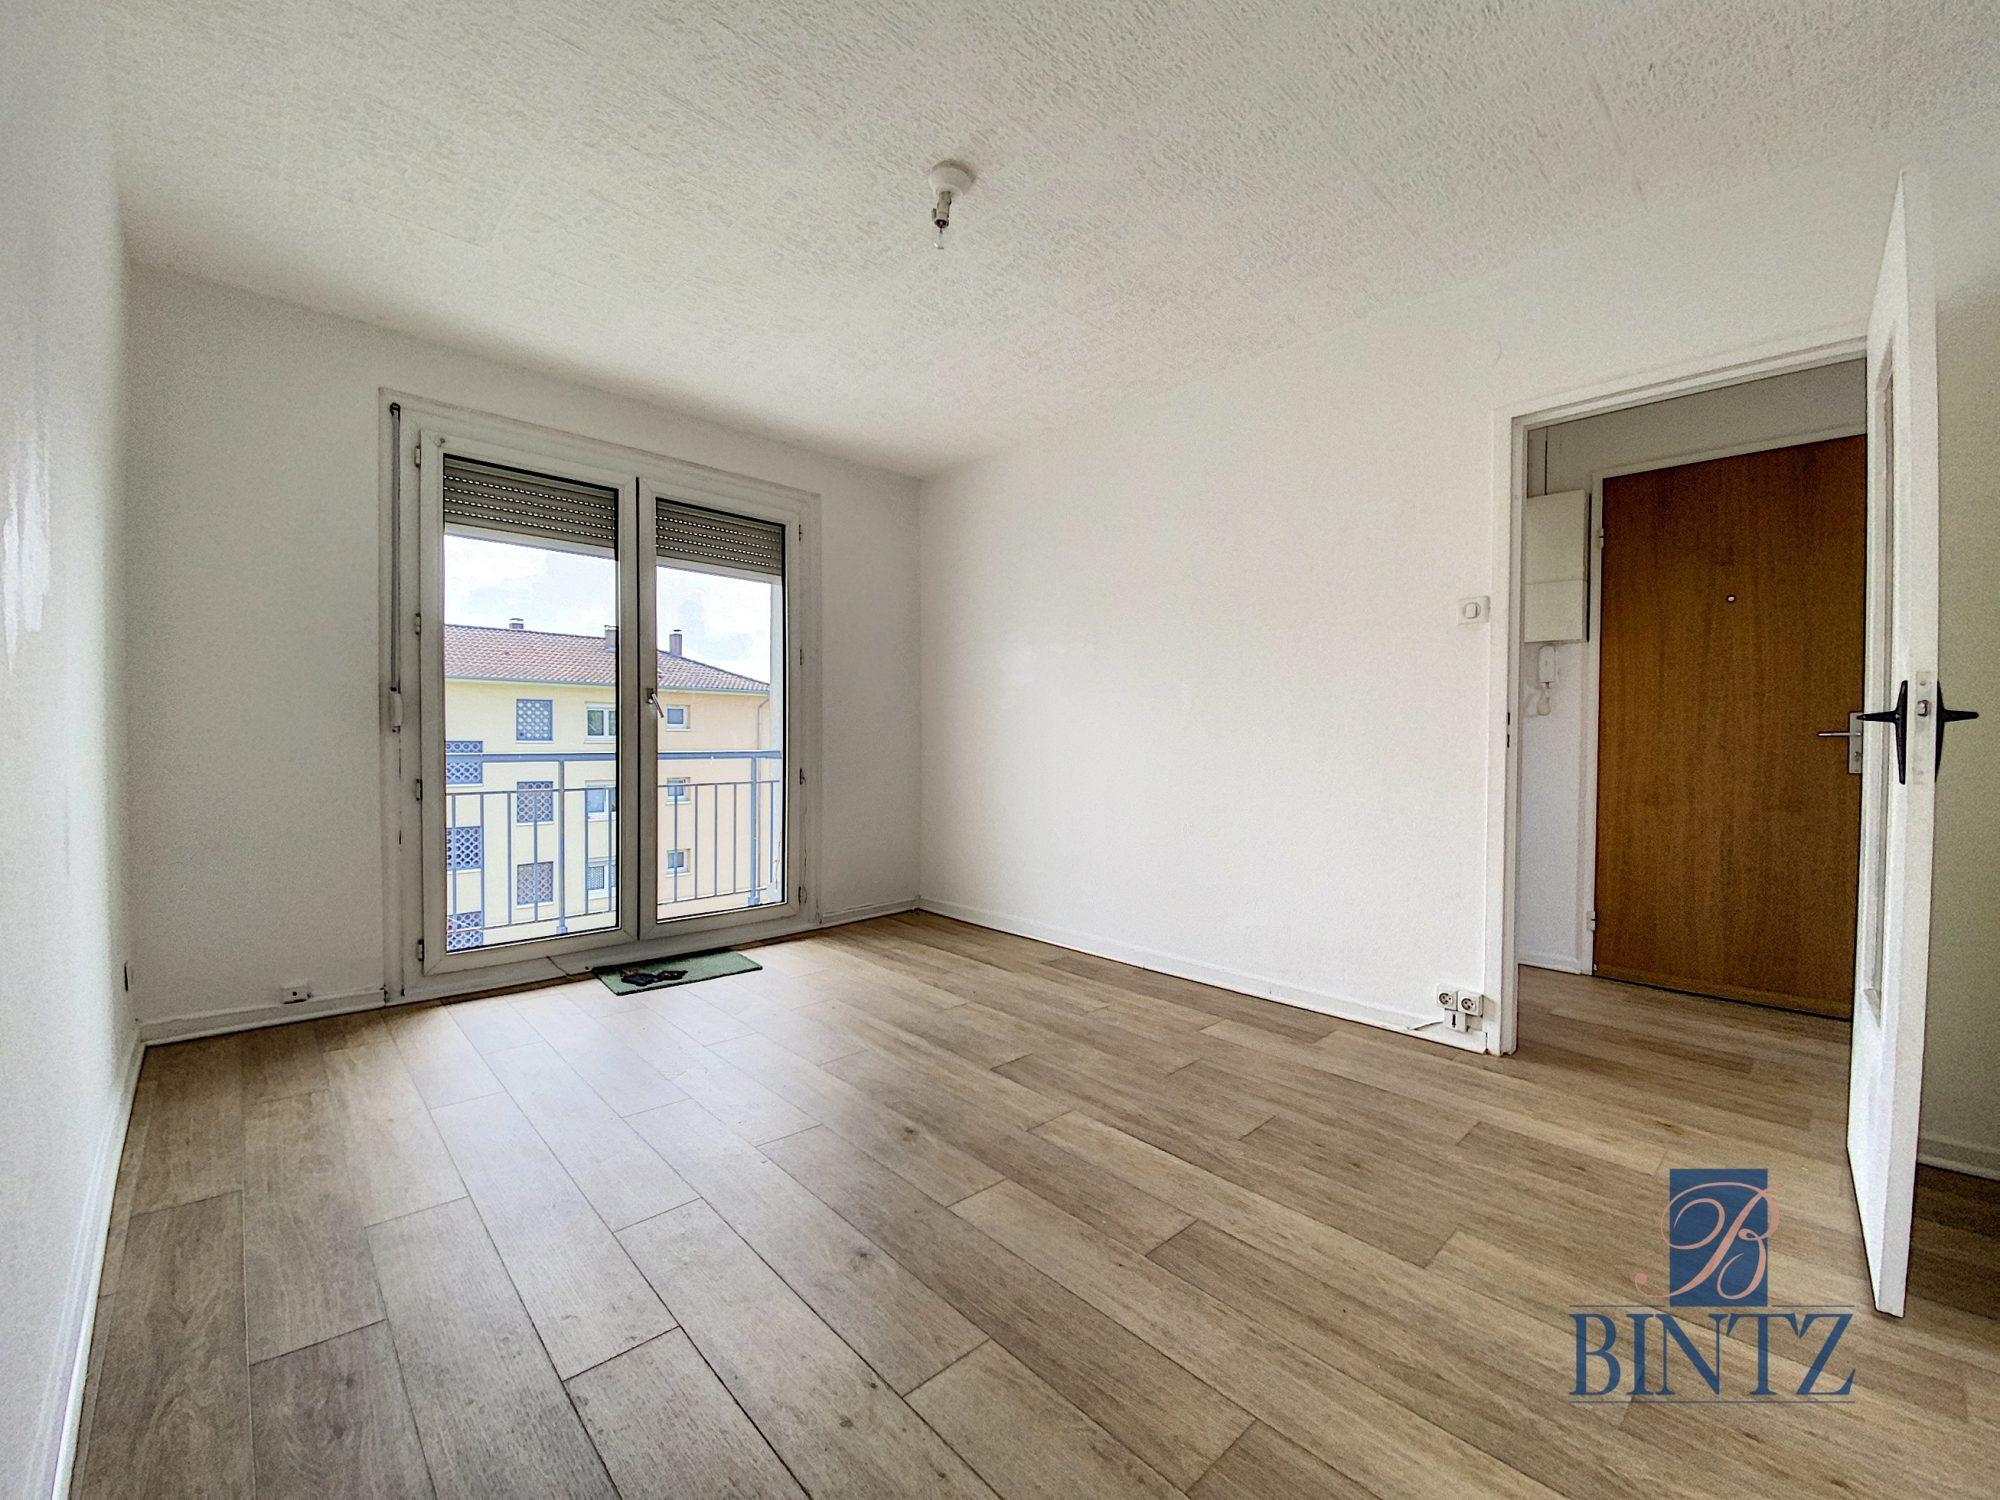 T3 avec balcon Quartier de la Musau - Devenez propriétaire en toute confiance - Bintz Immobilier - 1